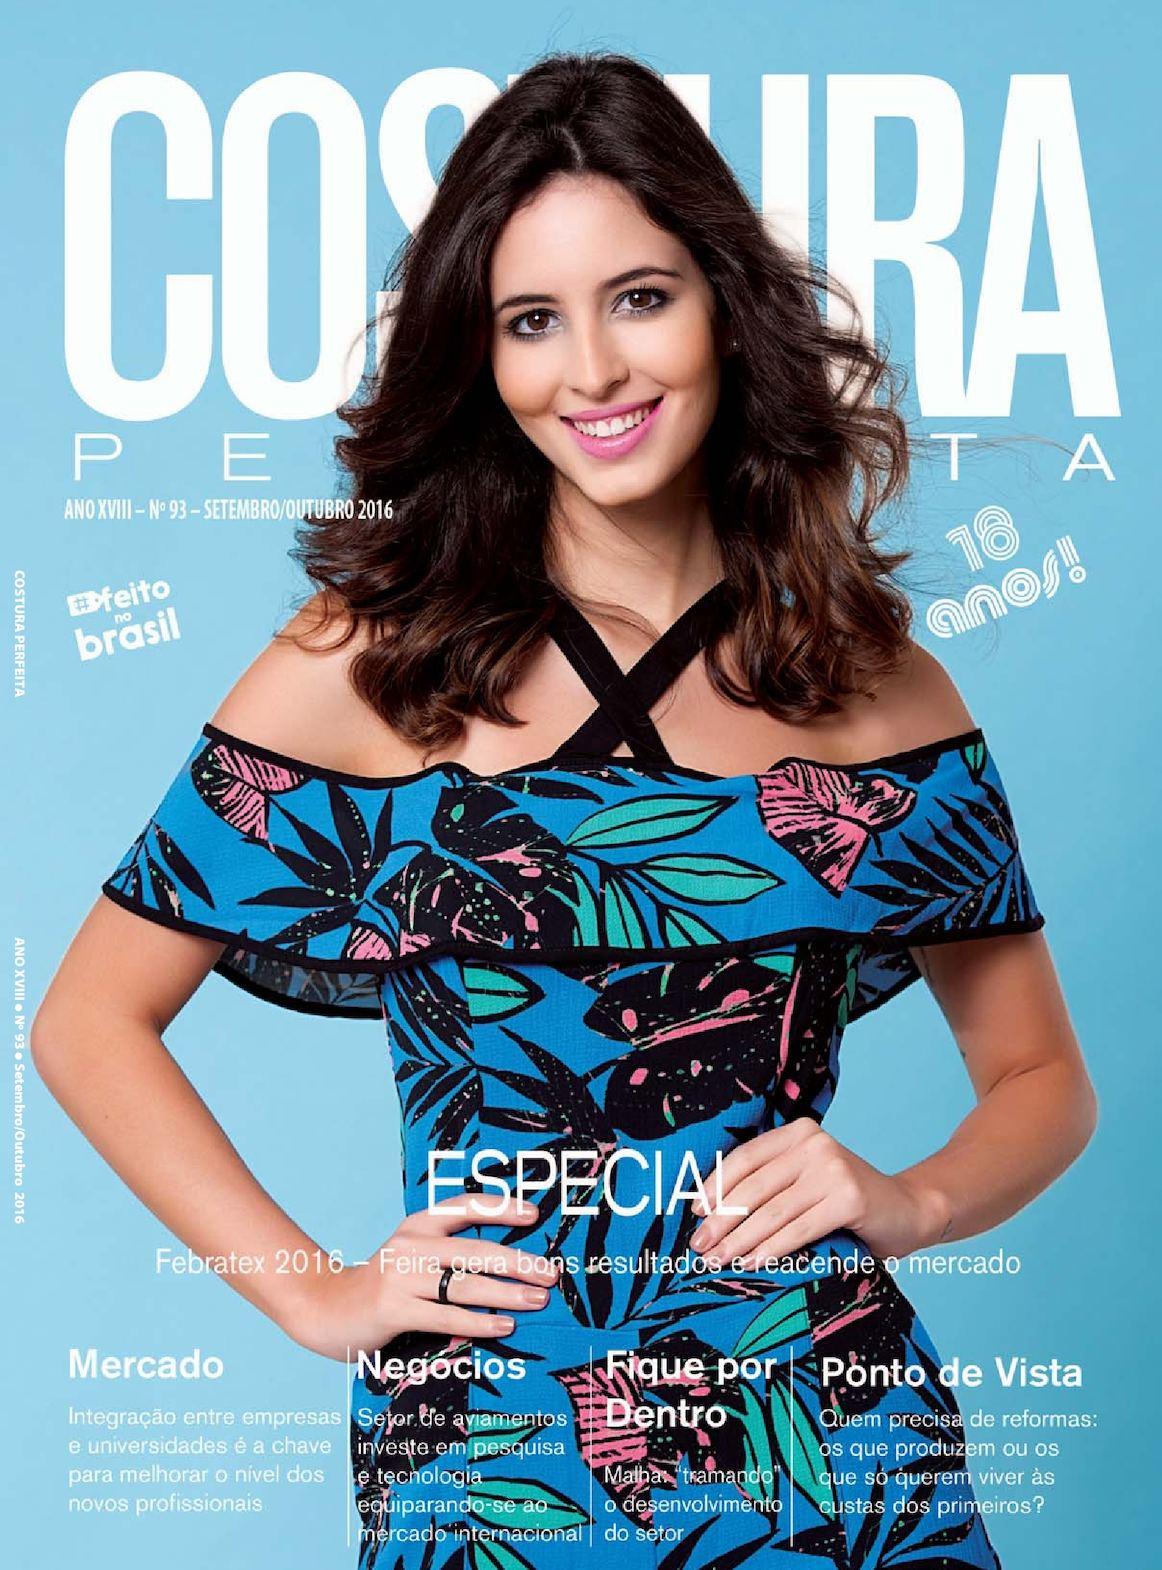 f33c8341e Calaméo - Revista Costura Perfeita Edição Ano XVIII - N93 - Setembro -  Outubro 2016